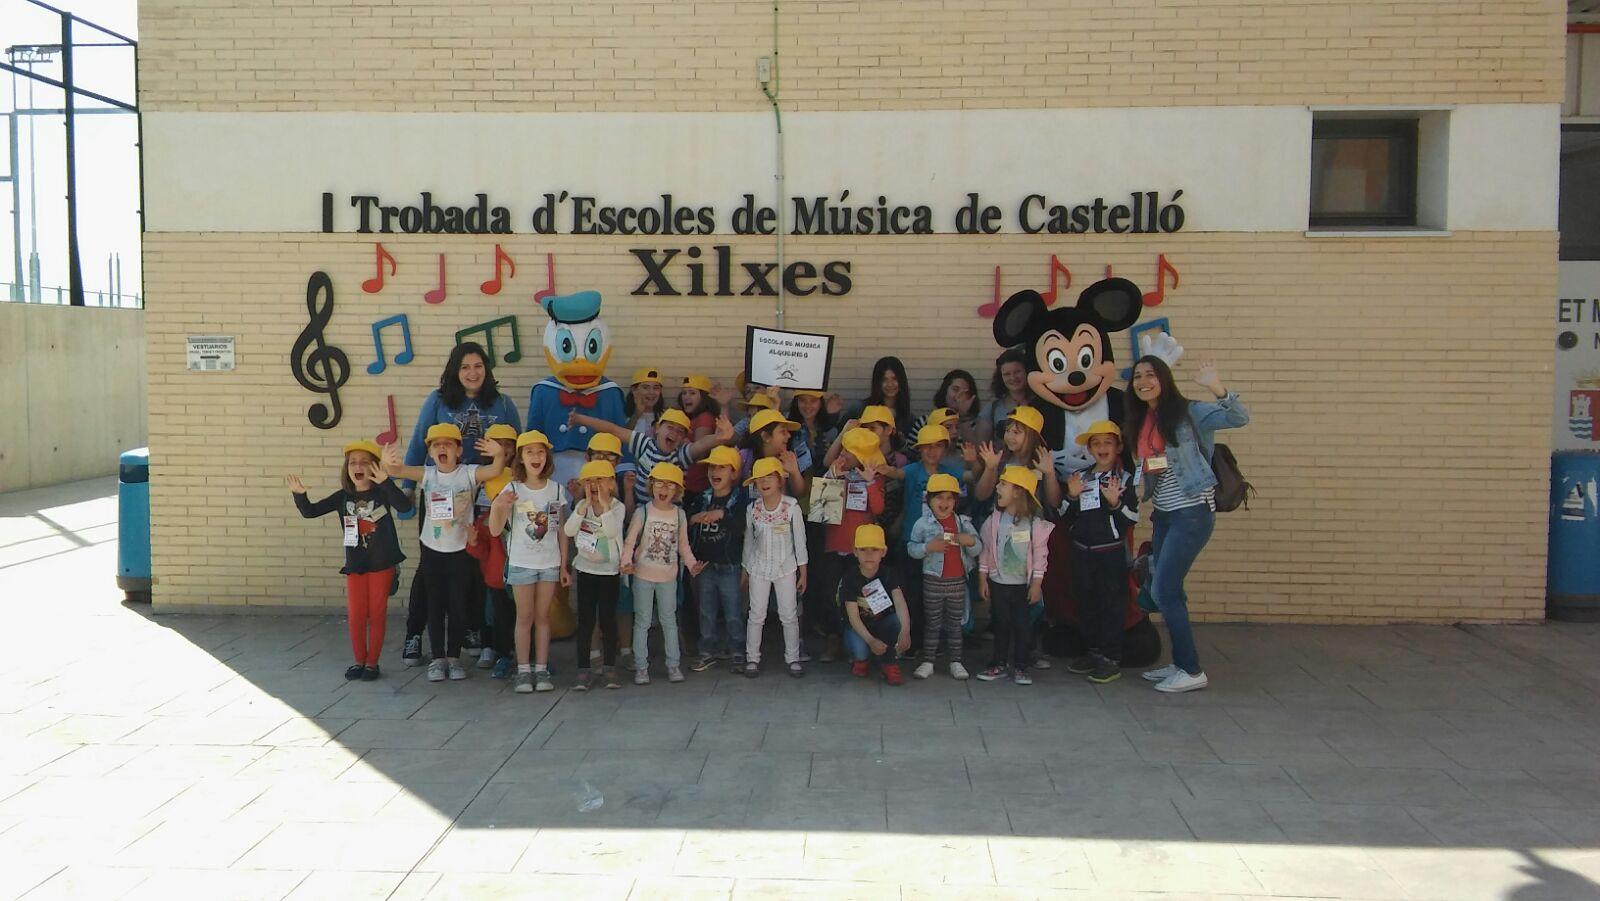 I Trobada d'Escoles de Música